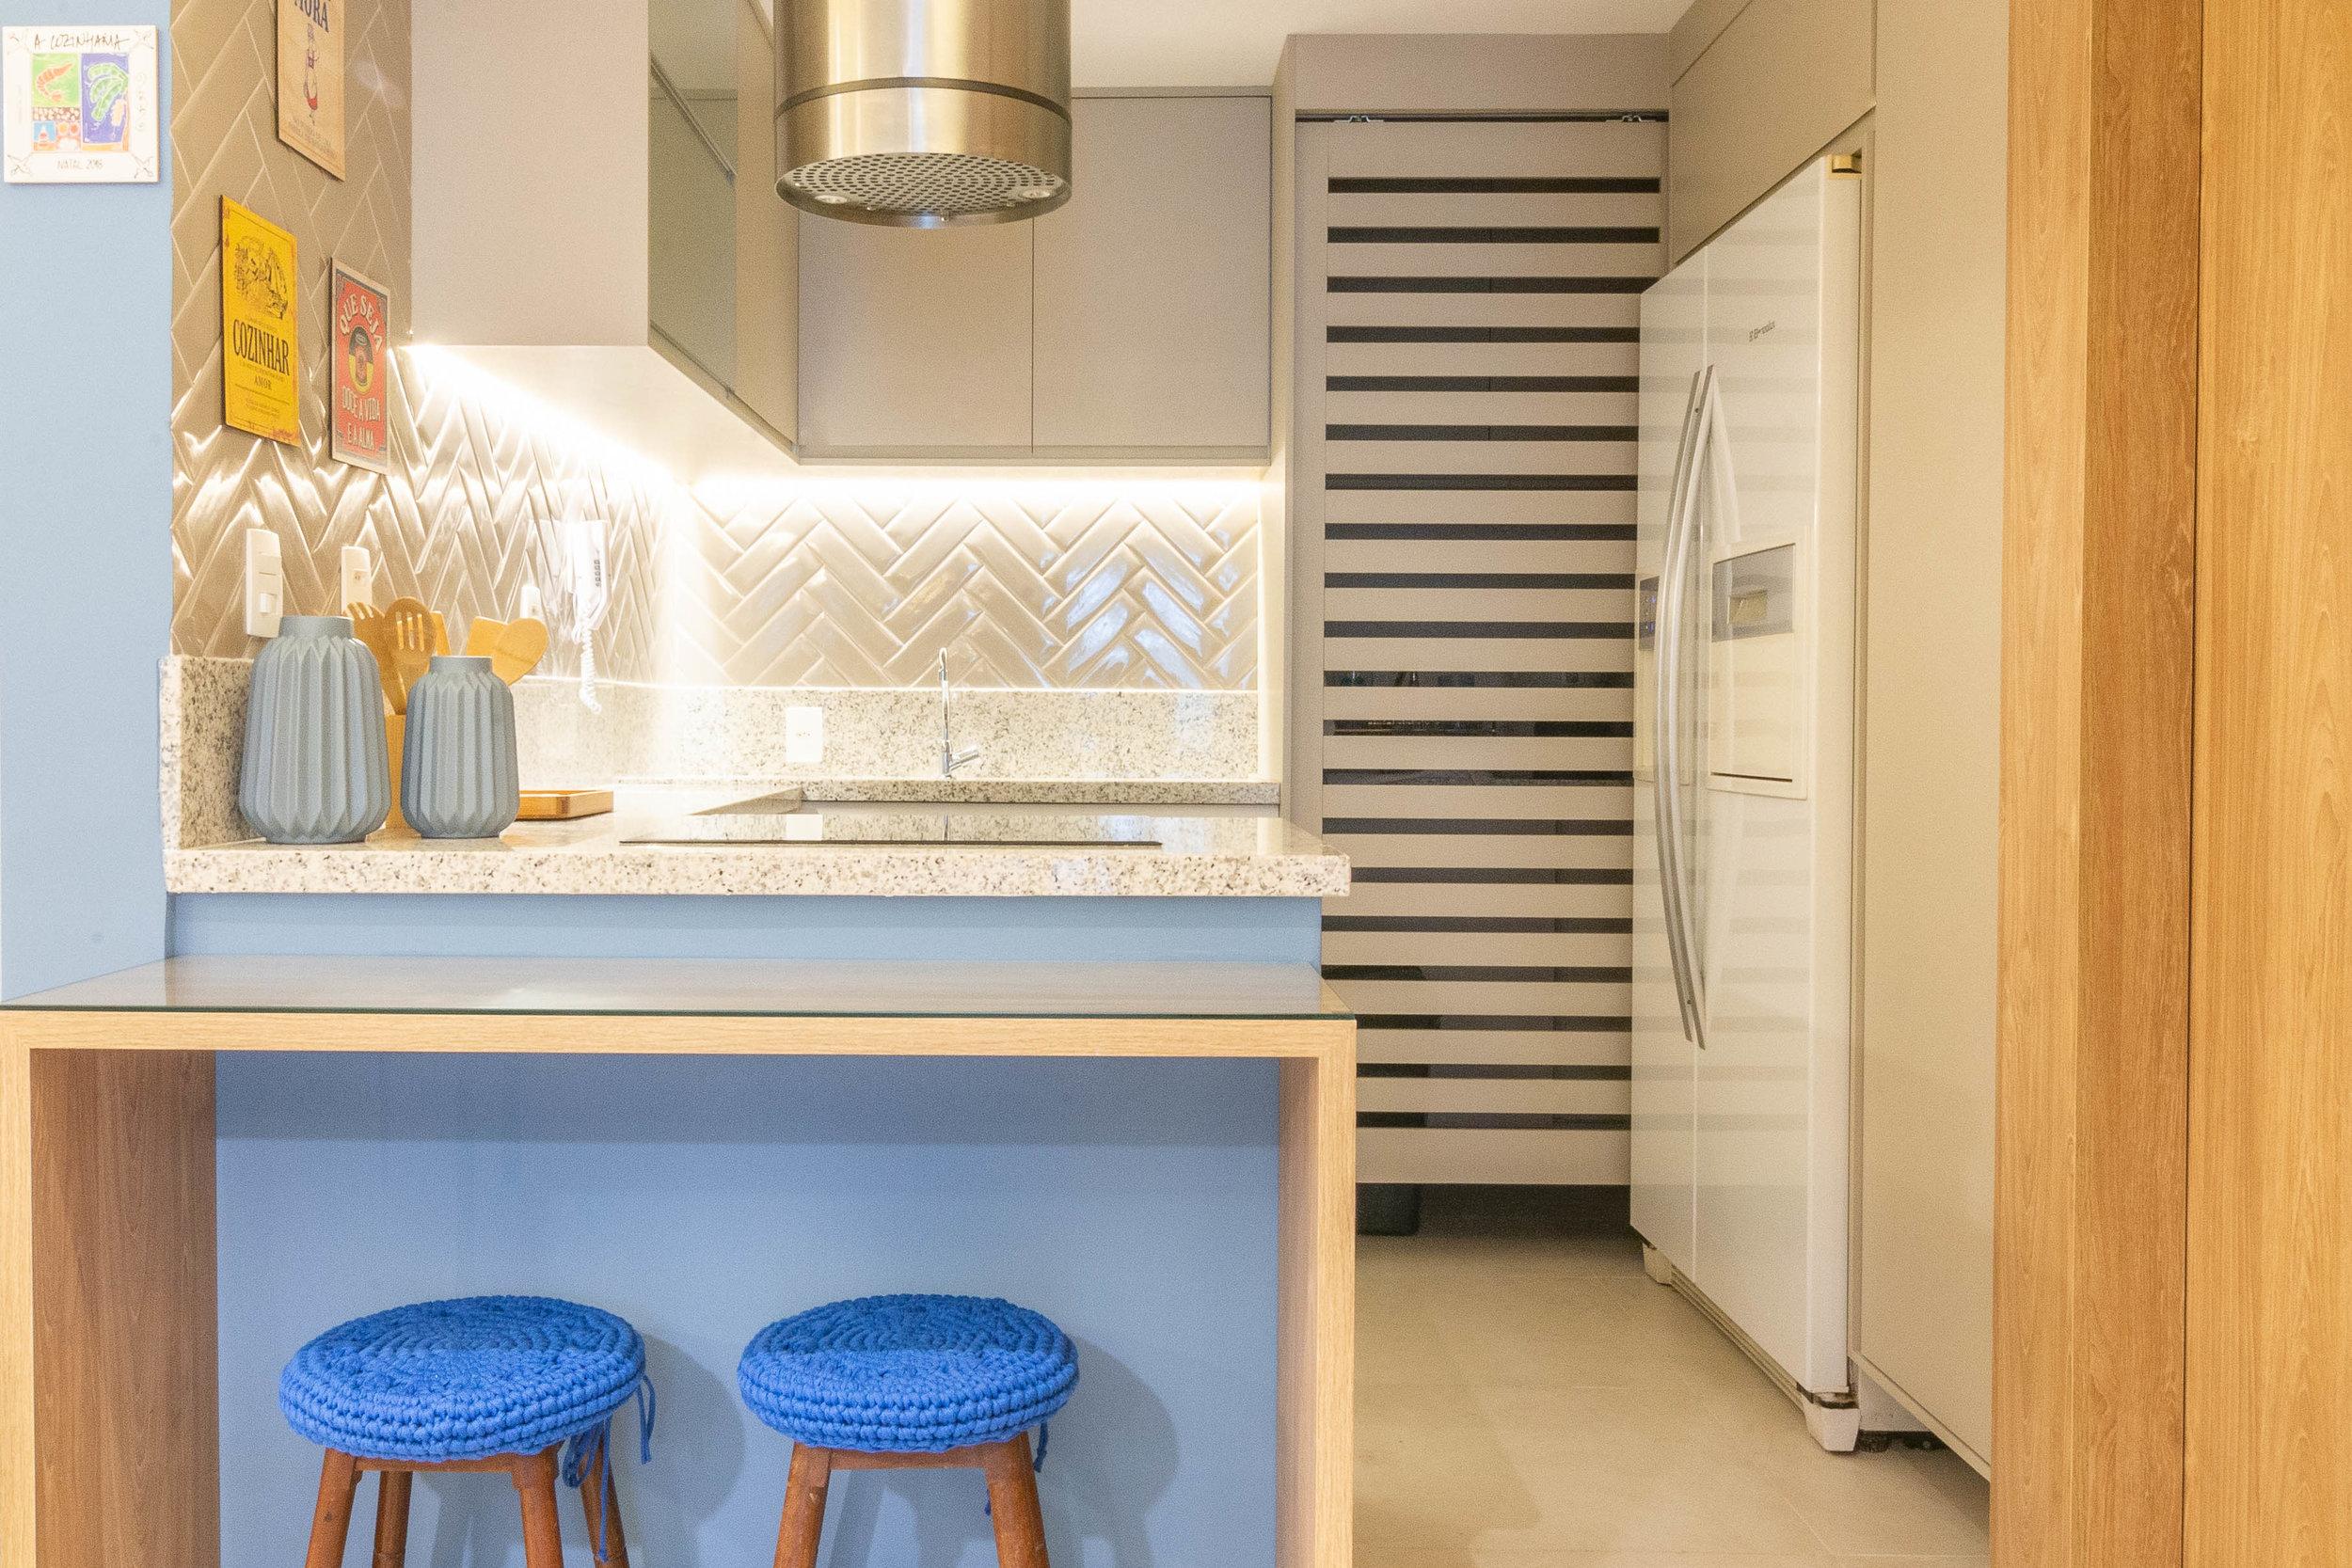 projeto-arquitetonico-luciananilton-duo-arquitetura-apartamentos-praia-014.jpg